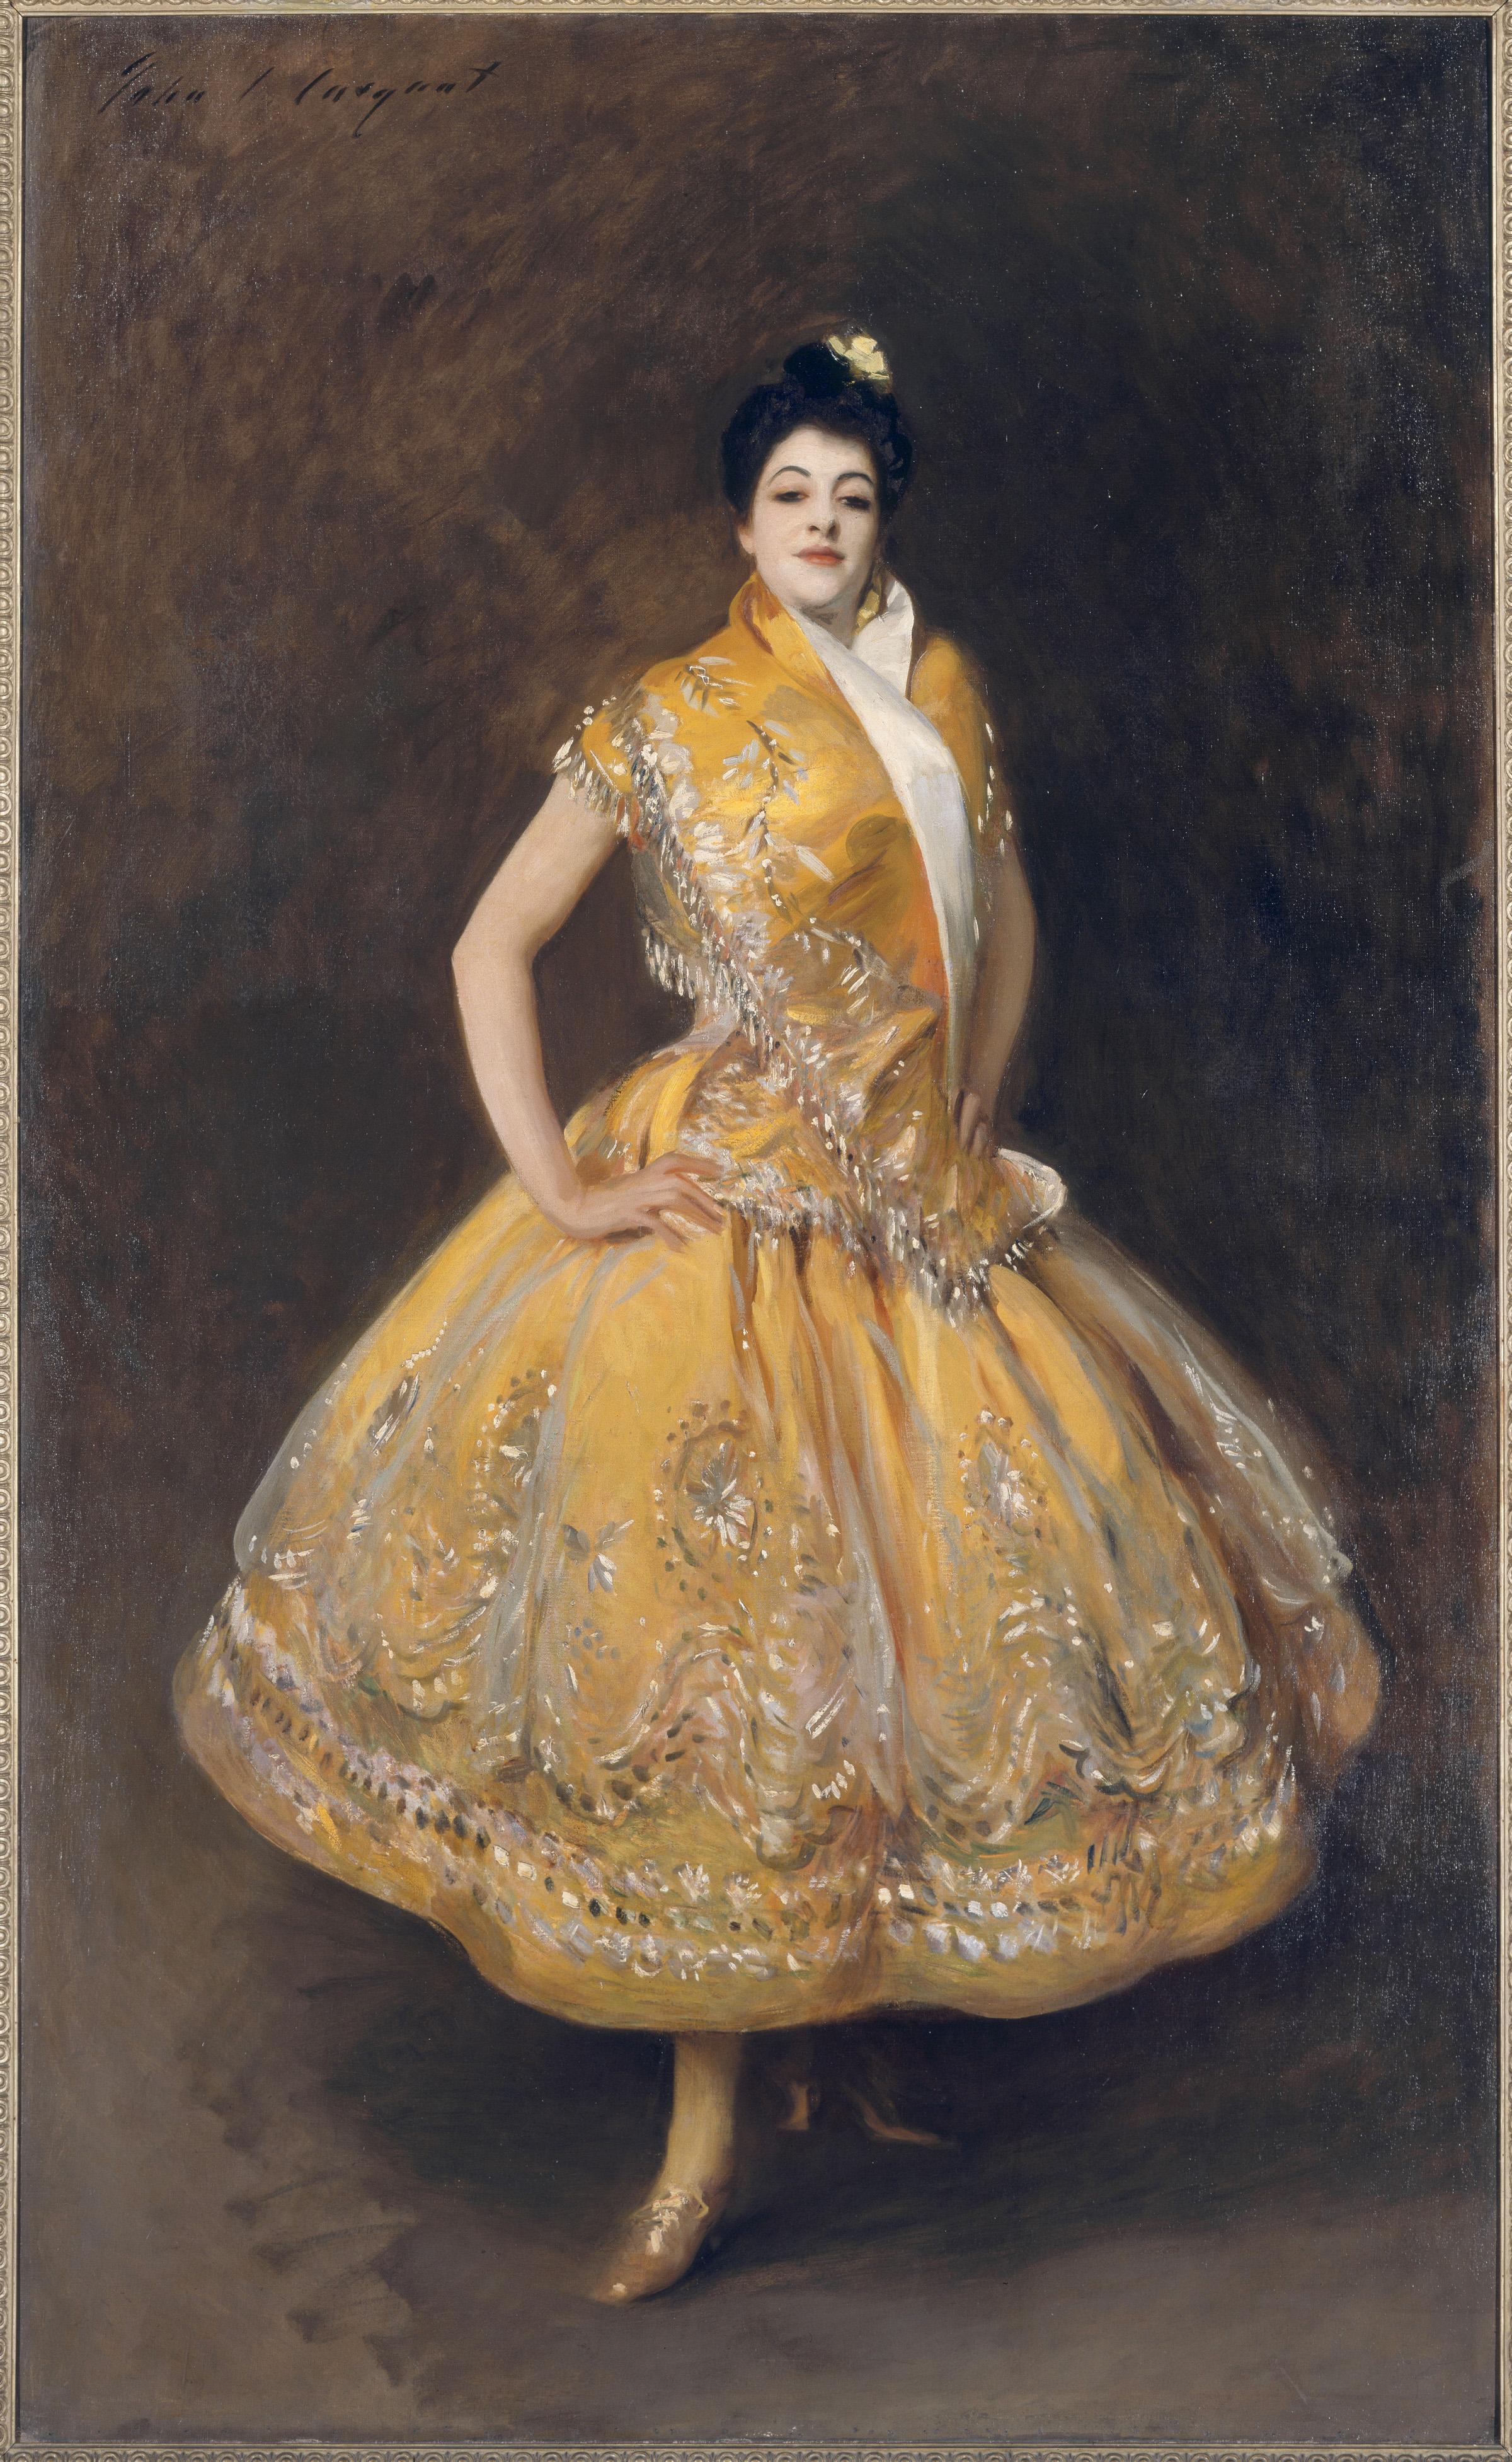 John Faulkner Paintings La Carmencita